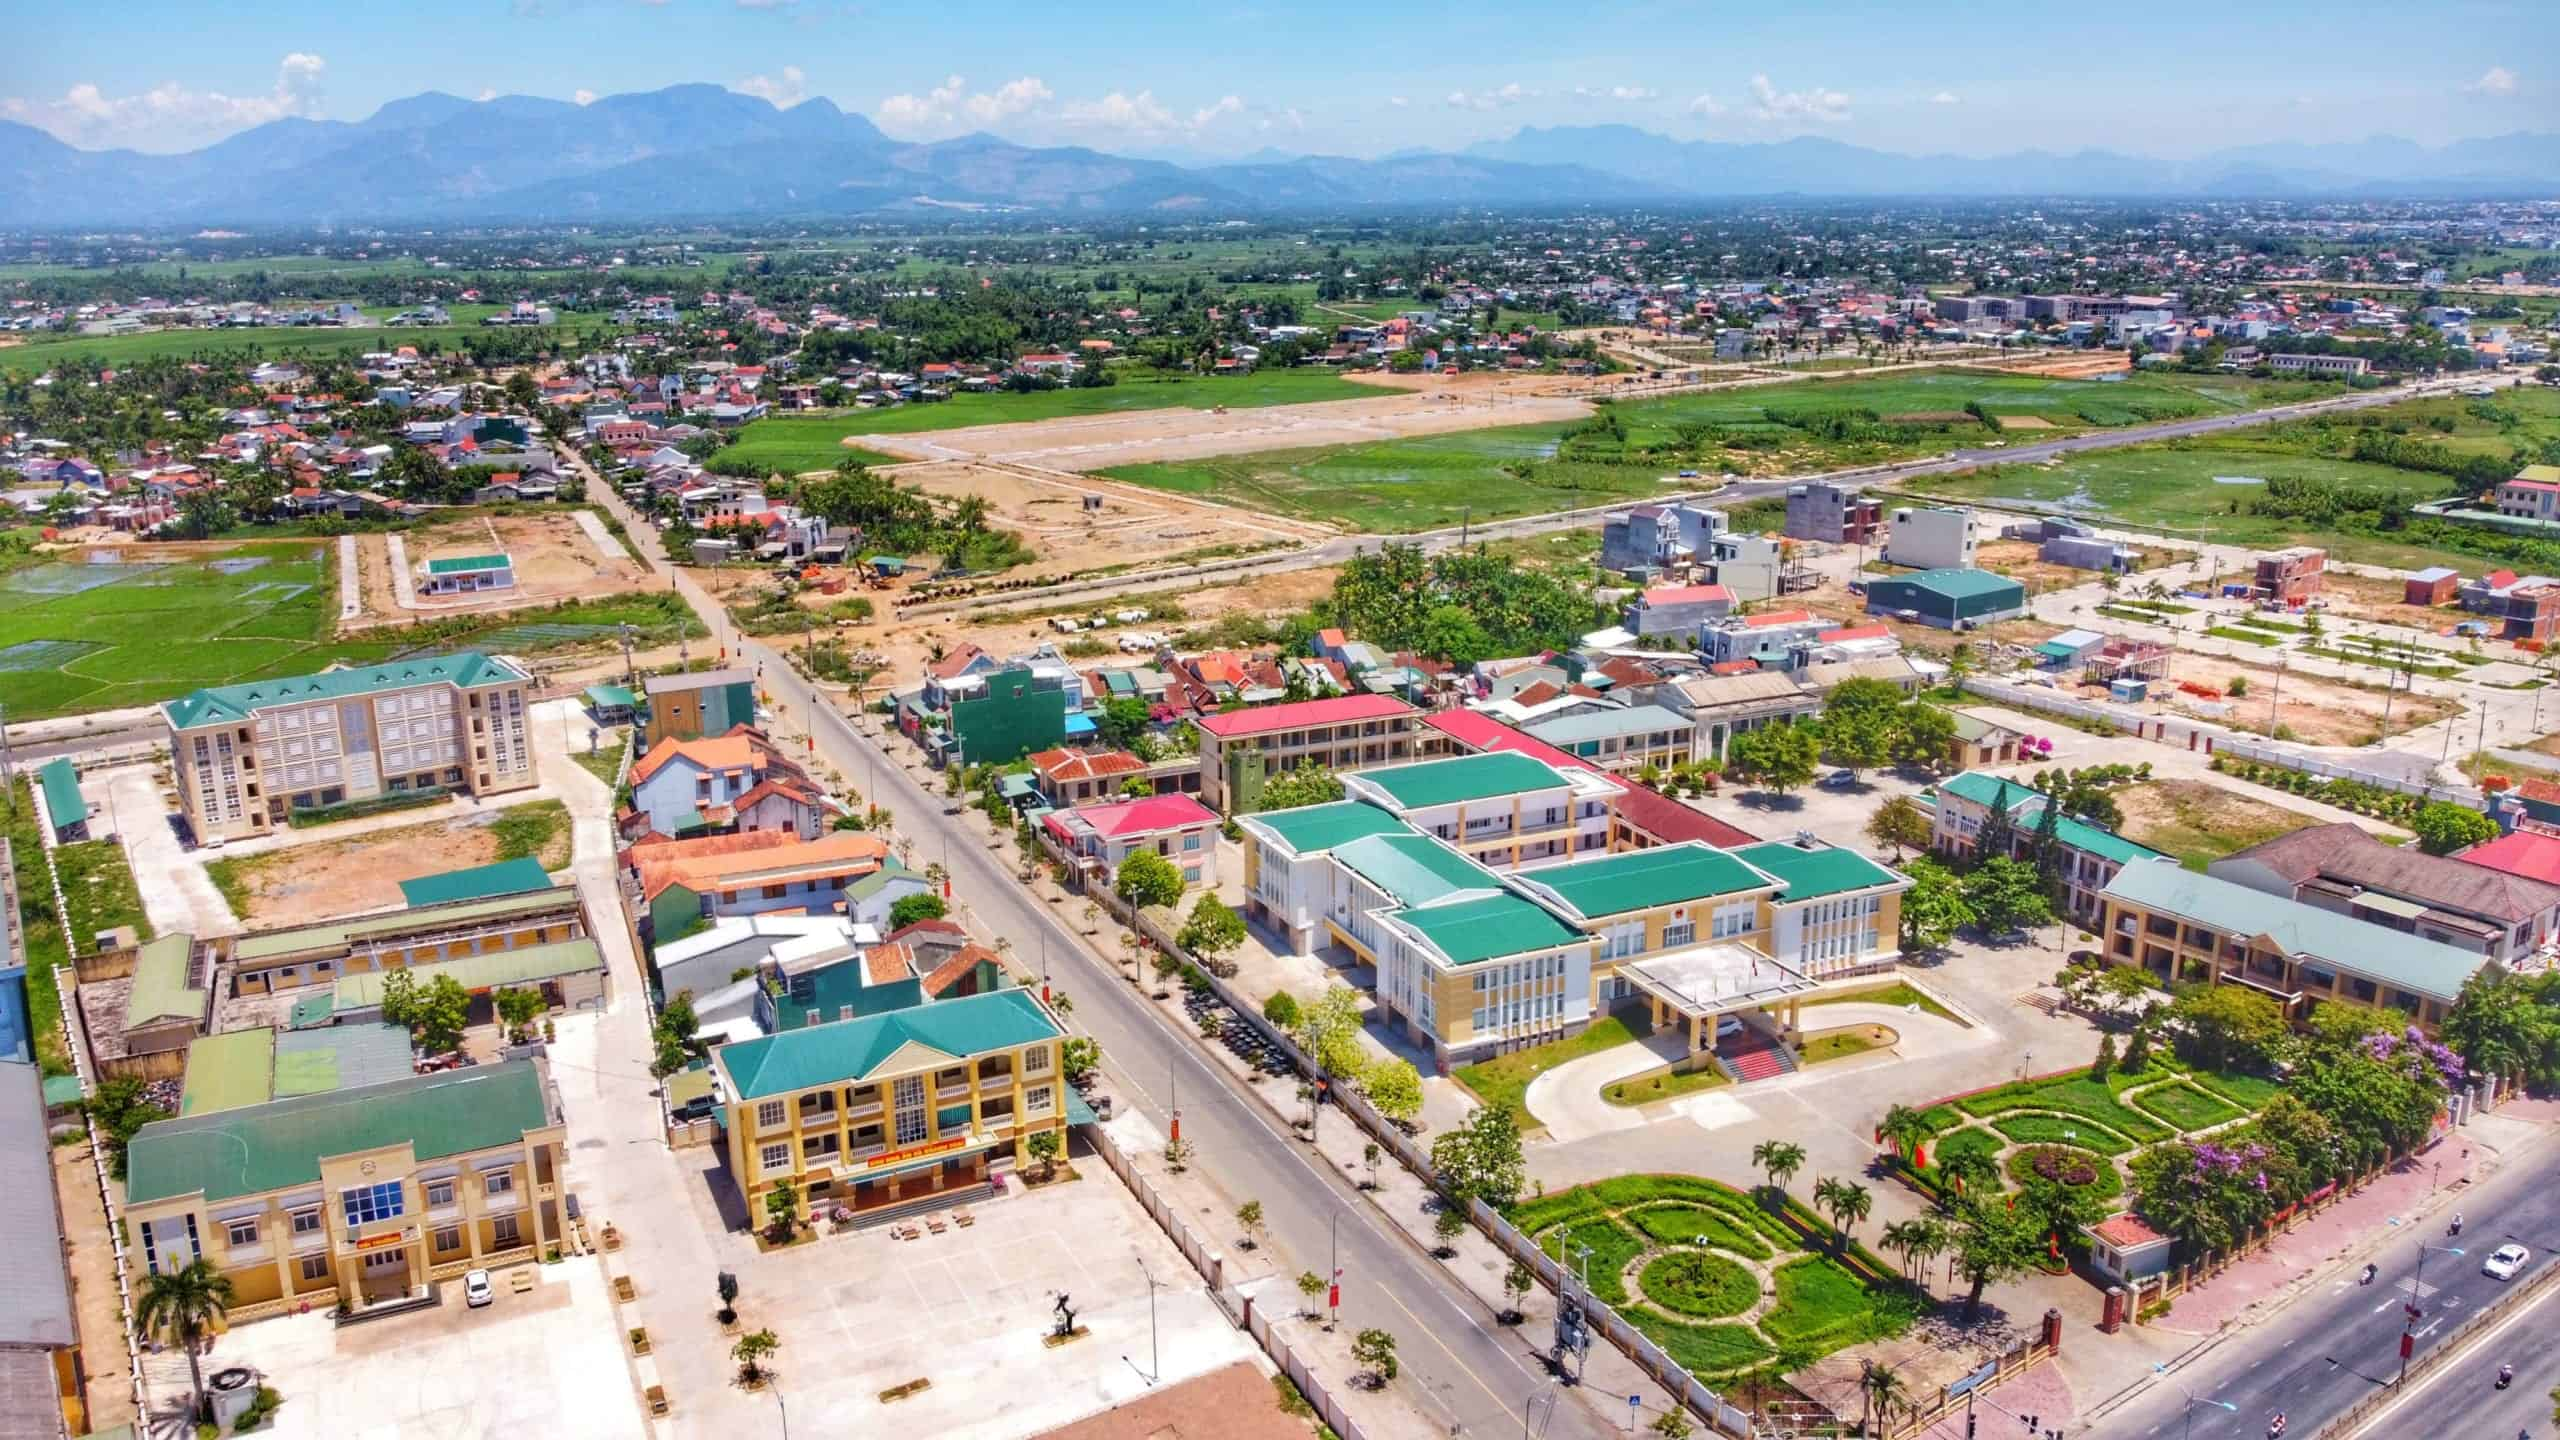 Đất nền thị trấn La Hà – Quảng Ngãi từ 1x triệu/m2